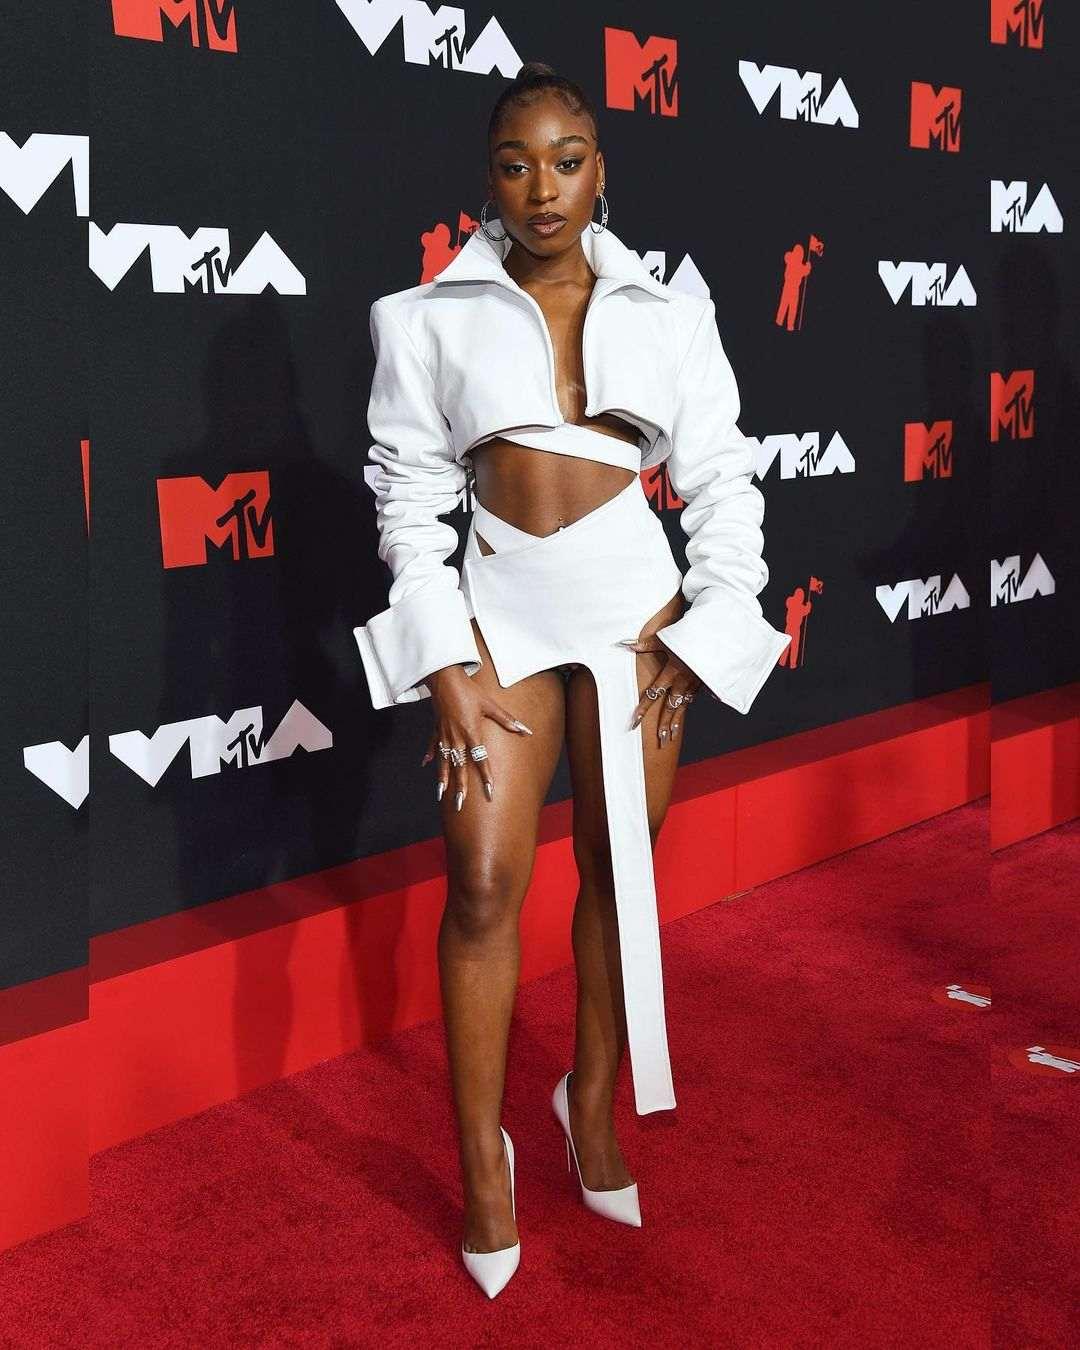 MTV VMA 2021